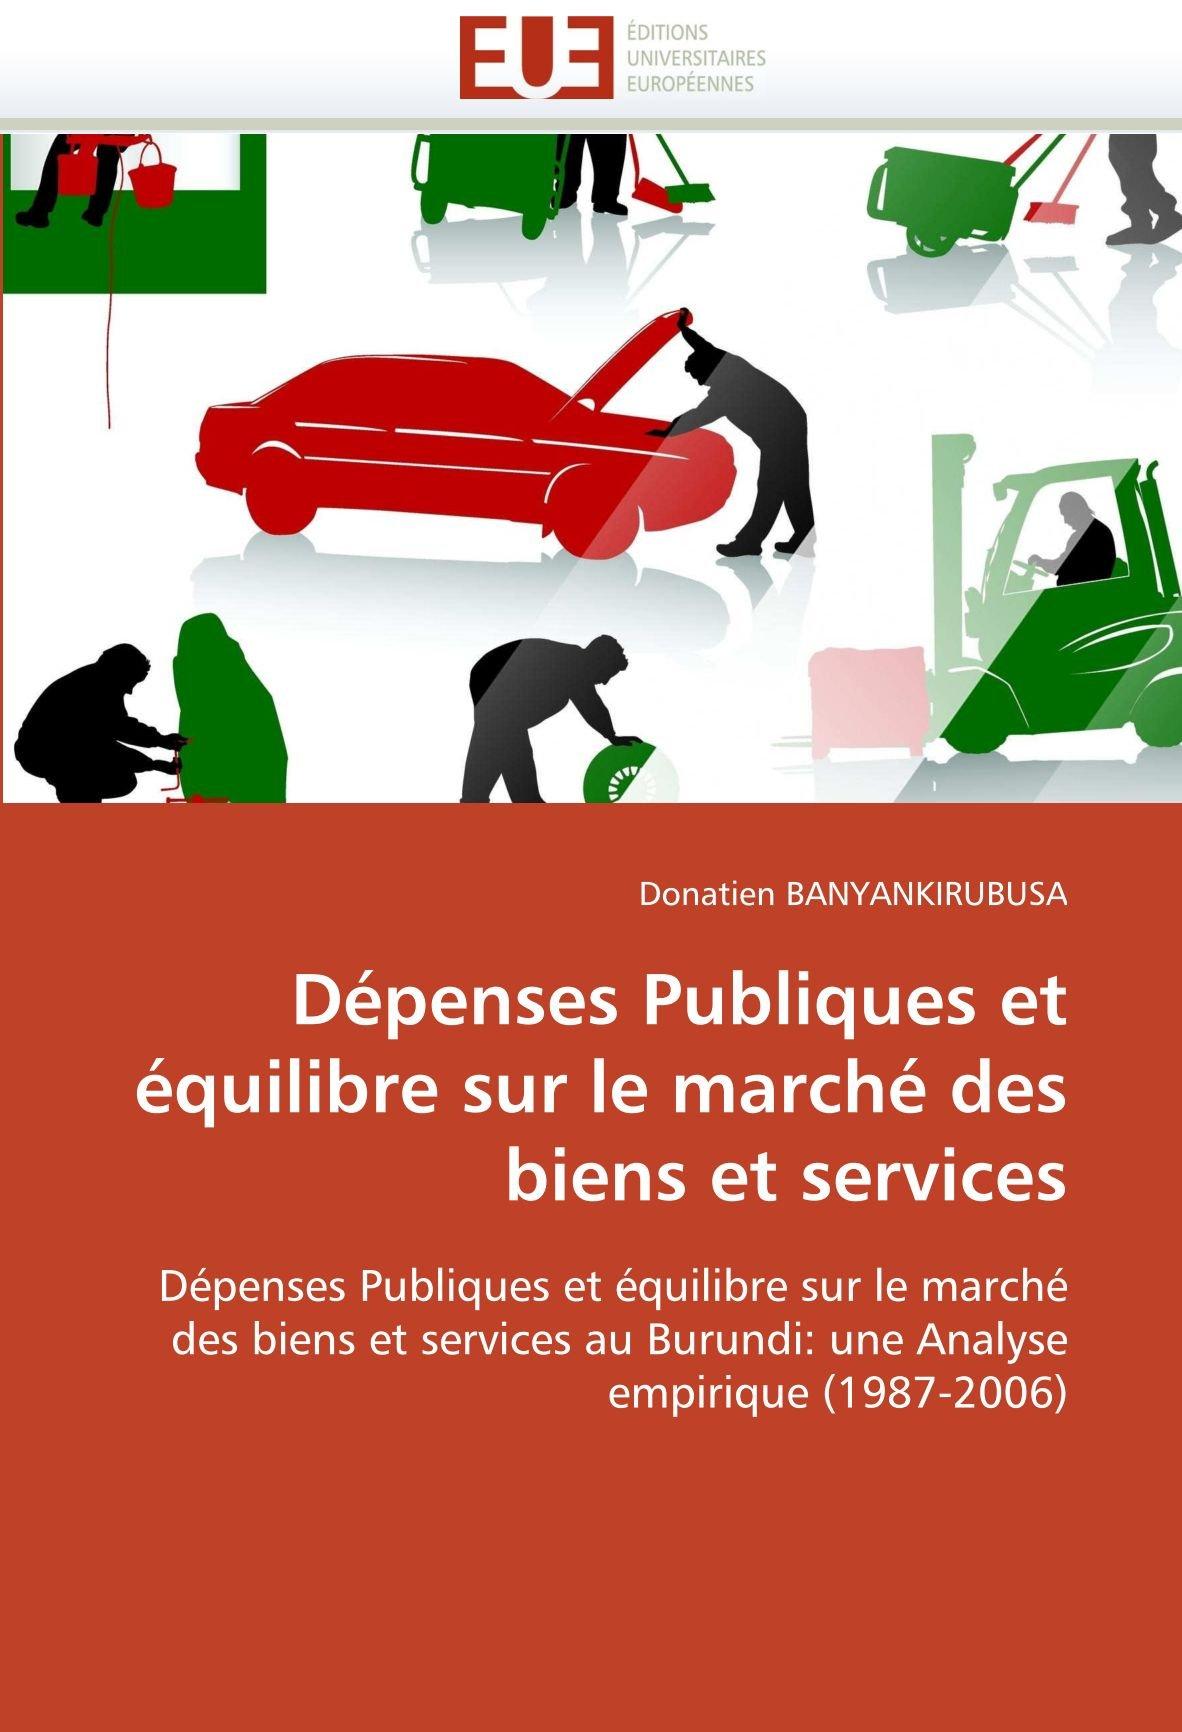 Depenses Publiques Et Equilibre Sur Le Marche Des Biens Et